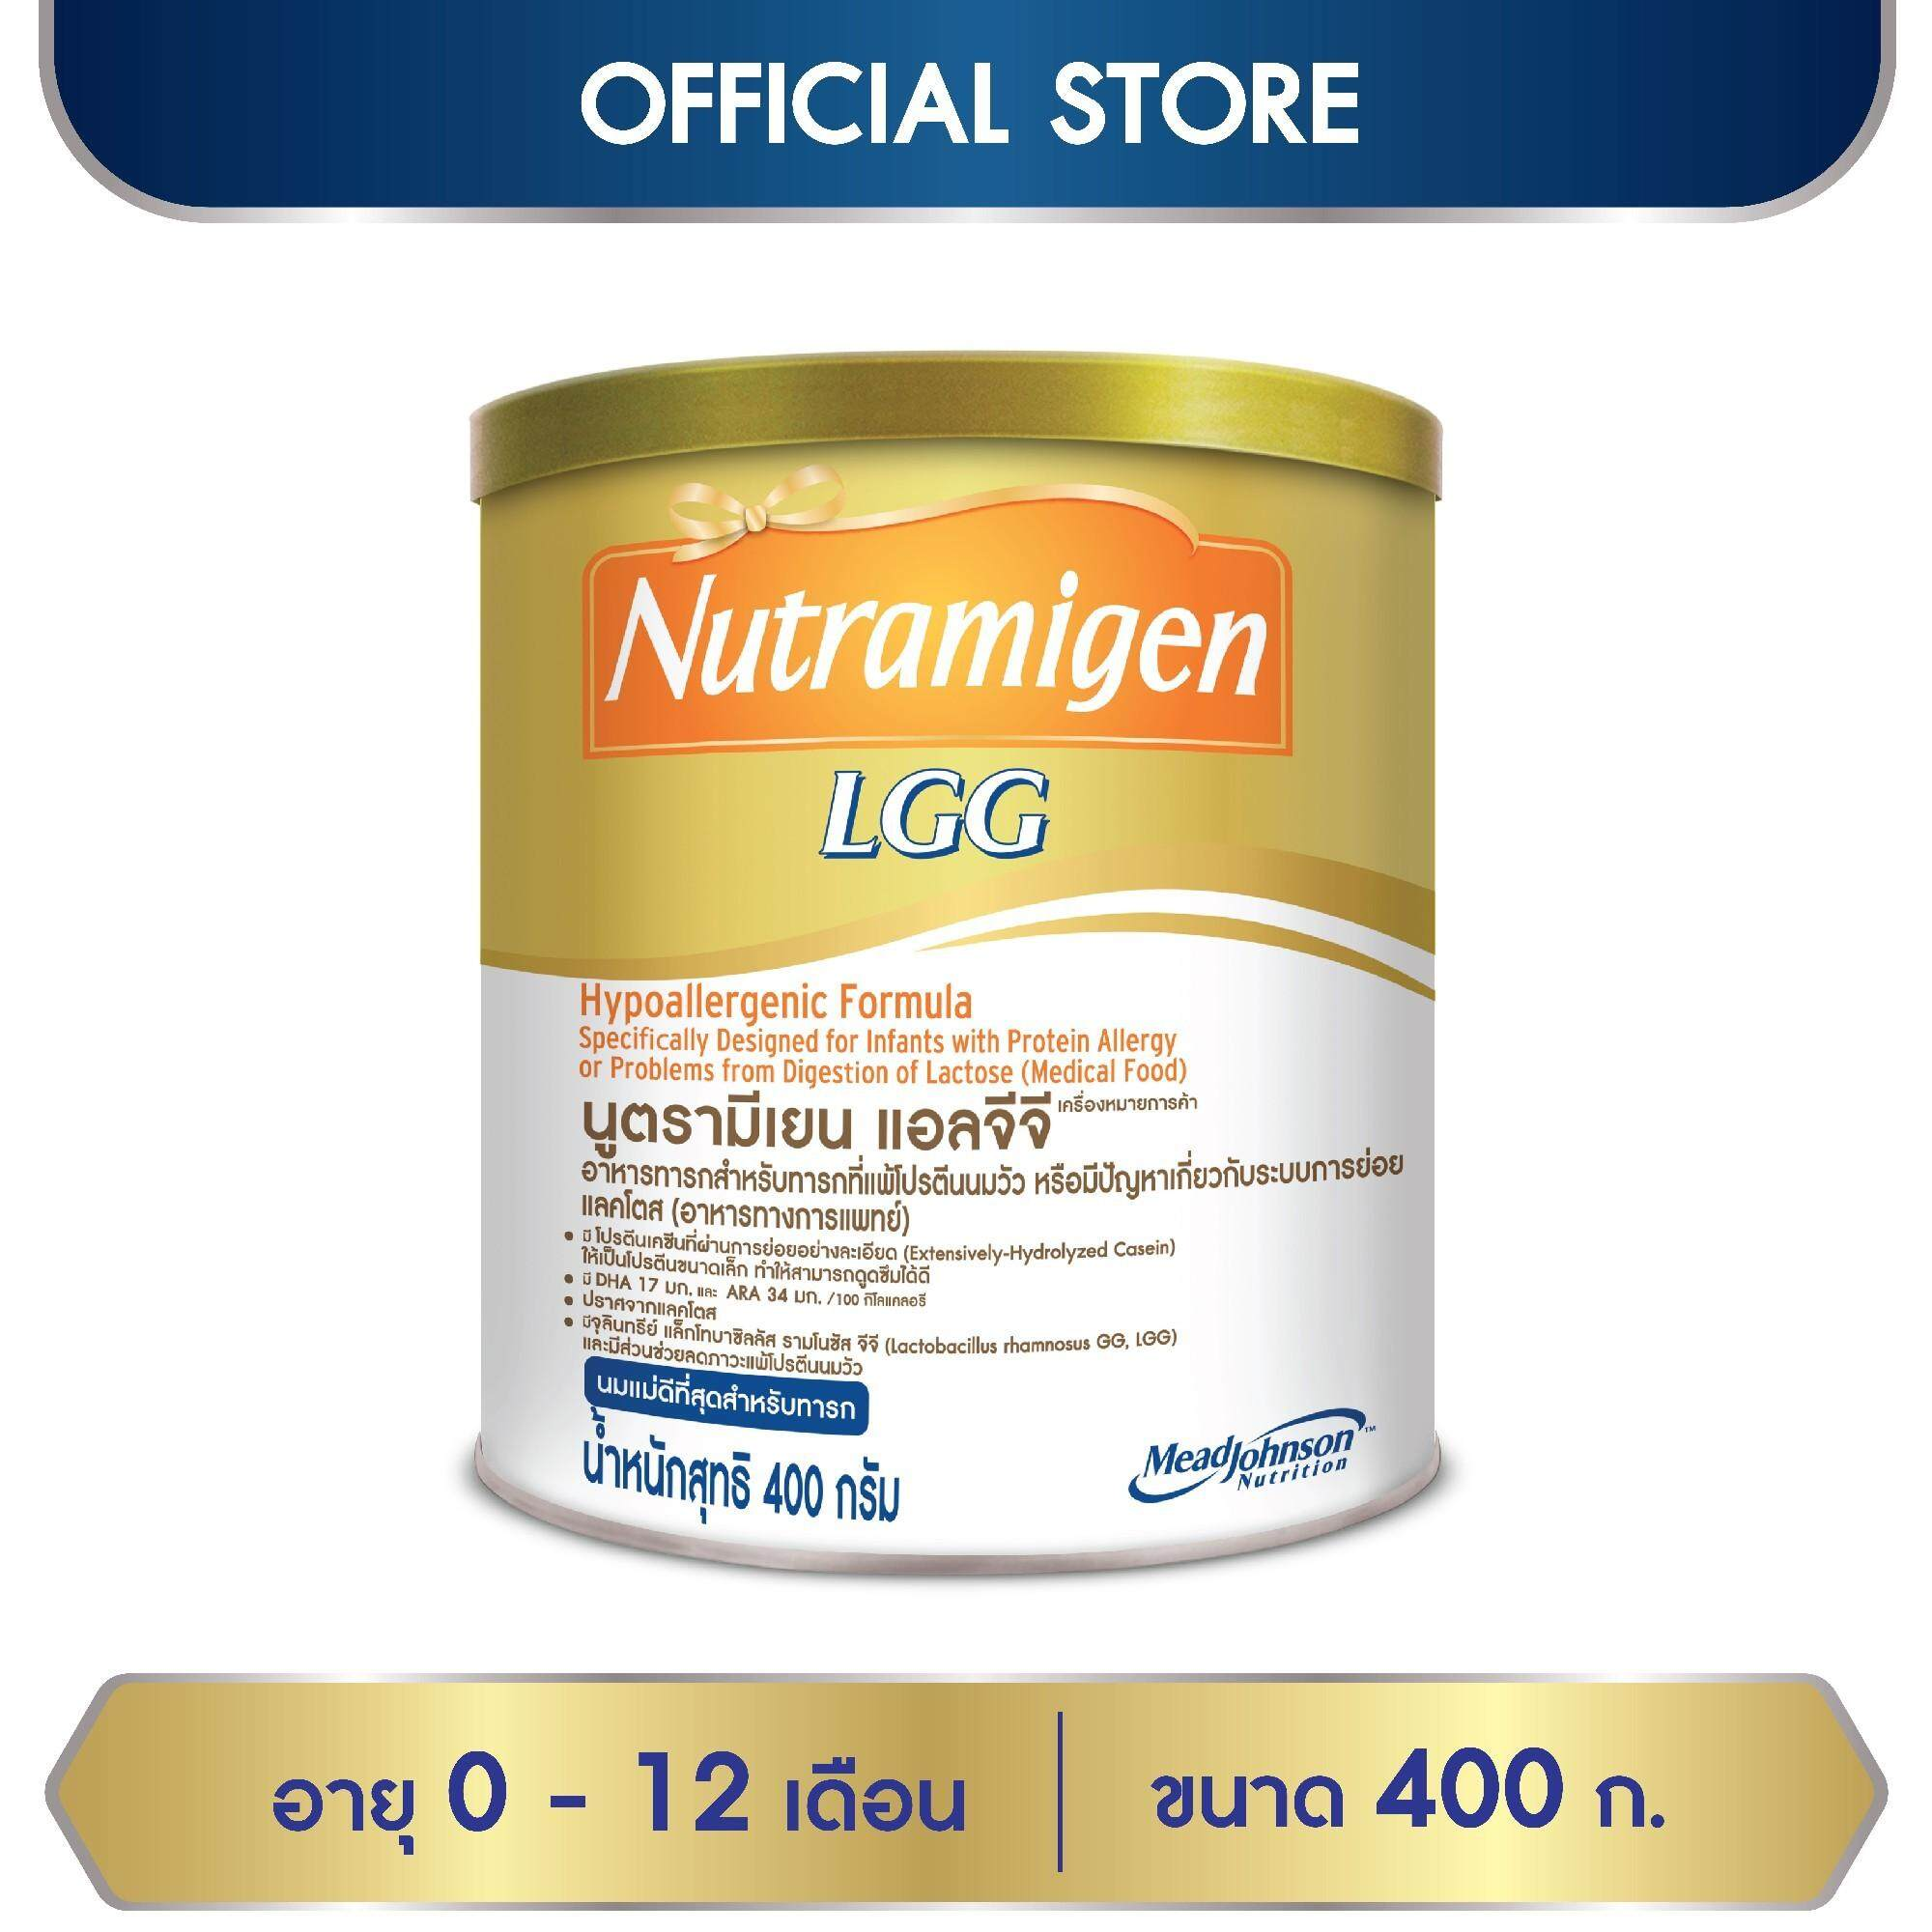 ขาย  นมผง Nutramigen นูตรามิเยน แอลจีจี อาหาร สำหรับ ทารก เด็กเล็ก เด็กแรกเกิด แพ้โปรตีนนมวัว หรือ มีปัญหา ระบบการย่อย การดูดซึมแลคโตส 400 กรัม   ลดราคา ของแท้